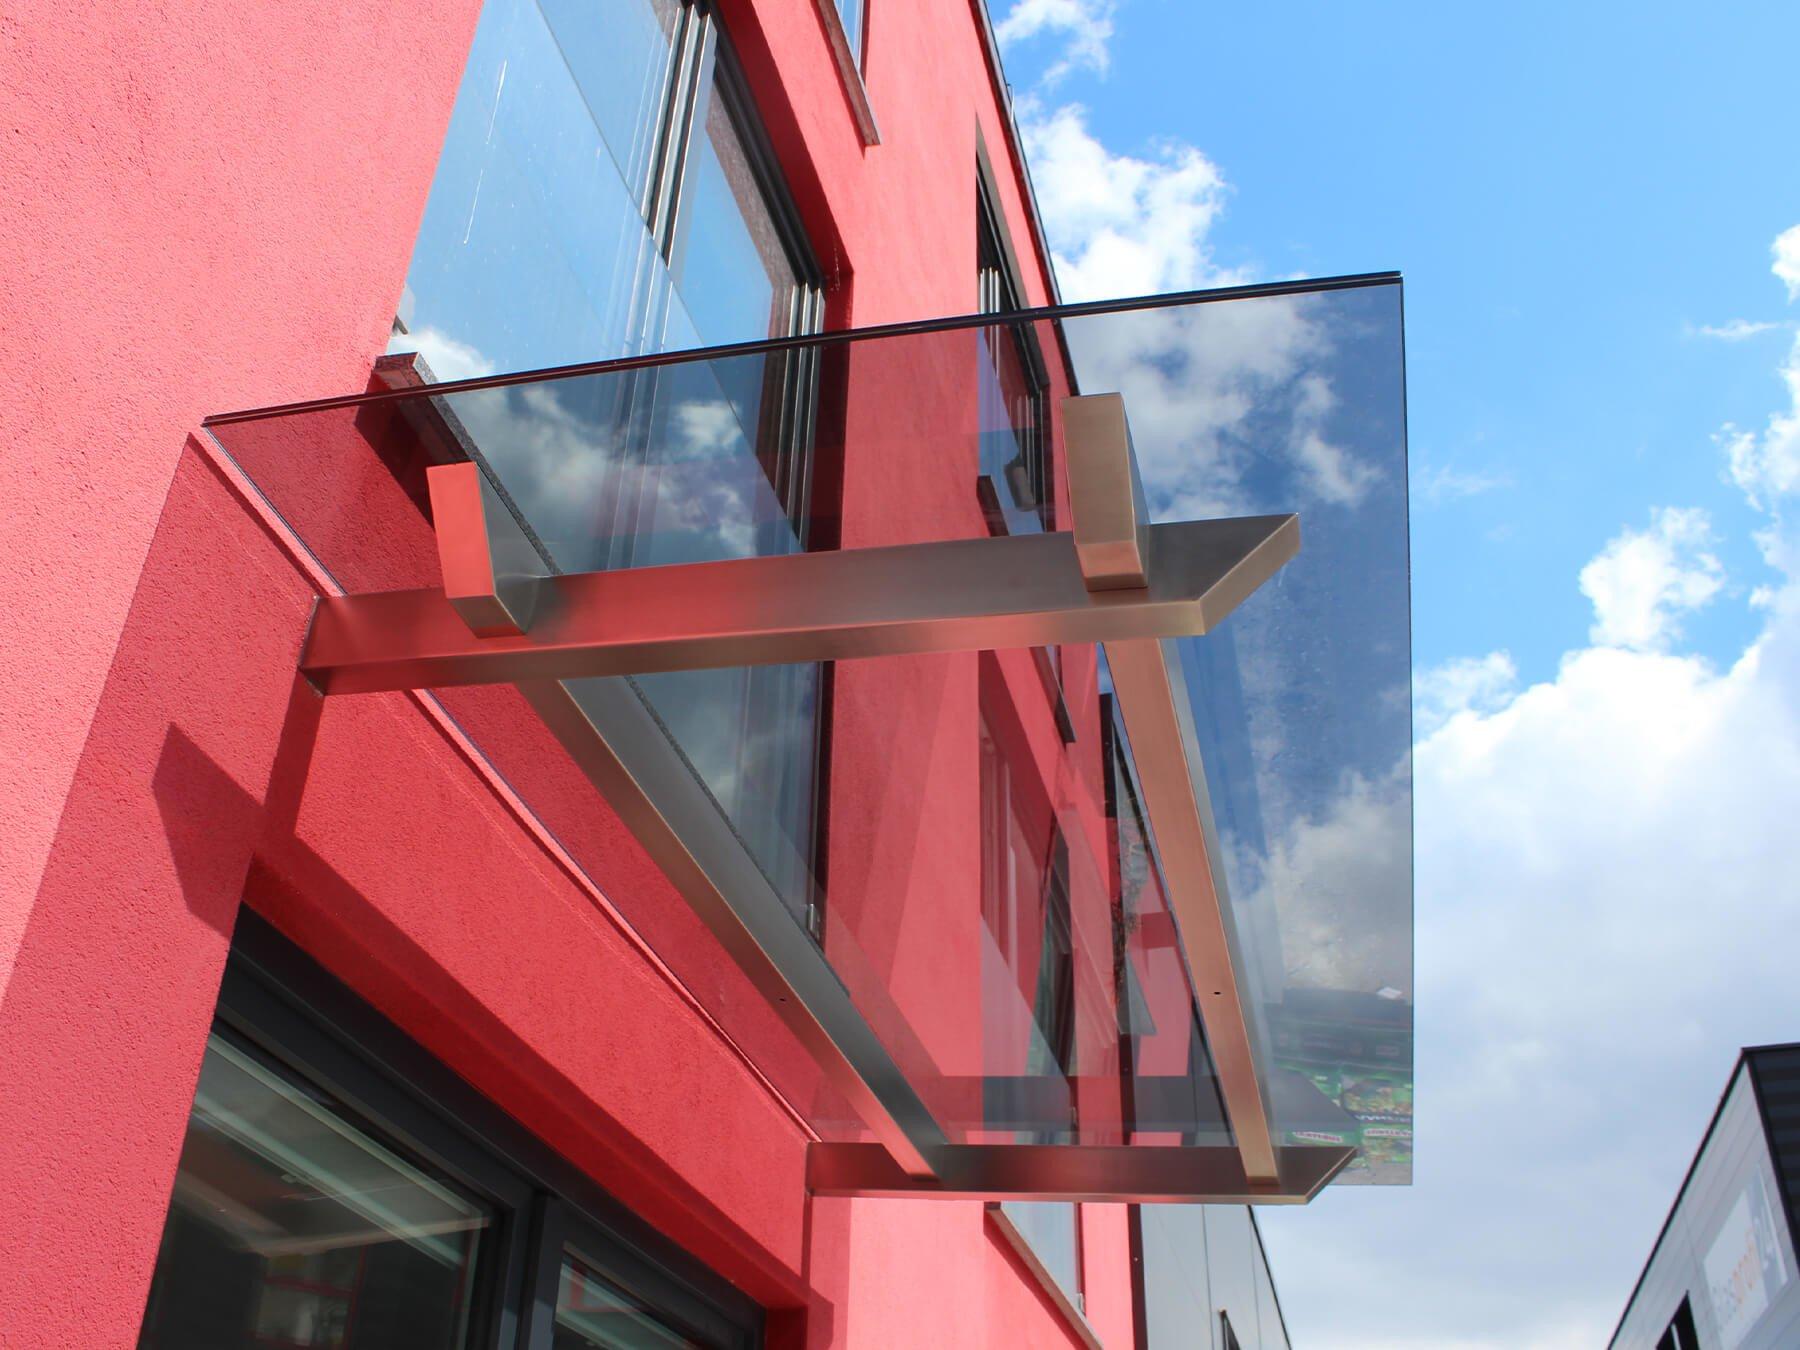 Glasvordach mit Balkenträgern aus Edelstahl in markantem Design